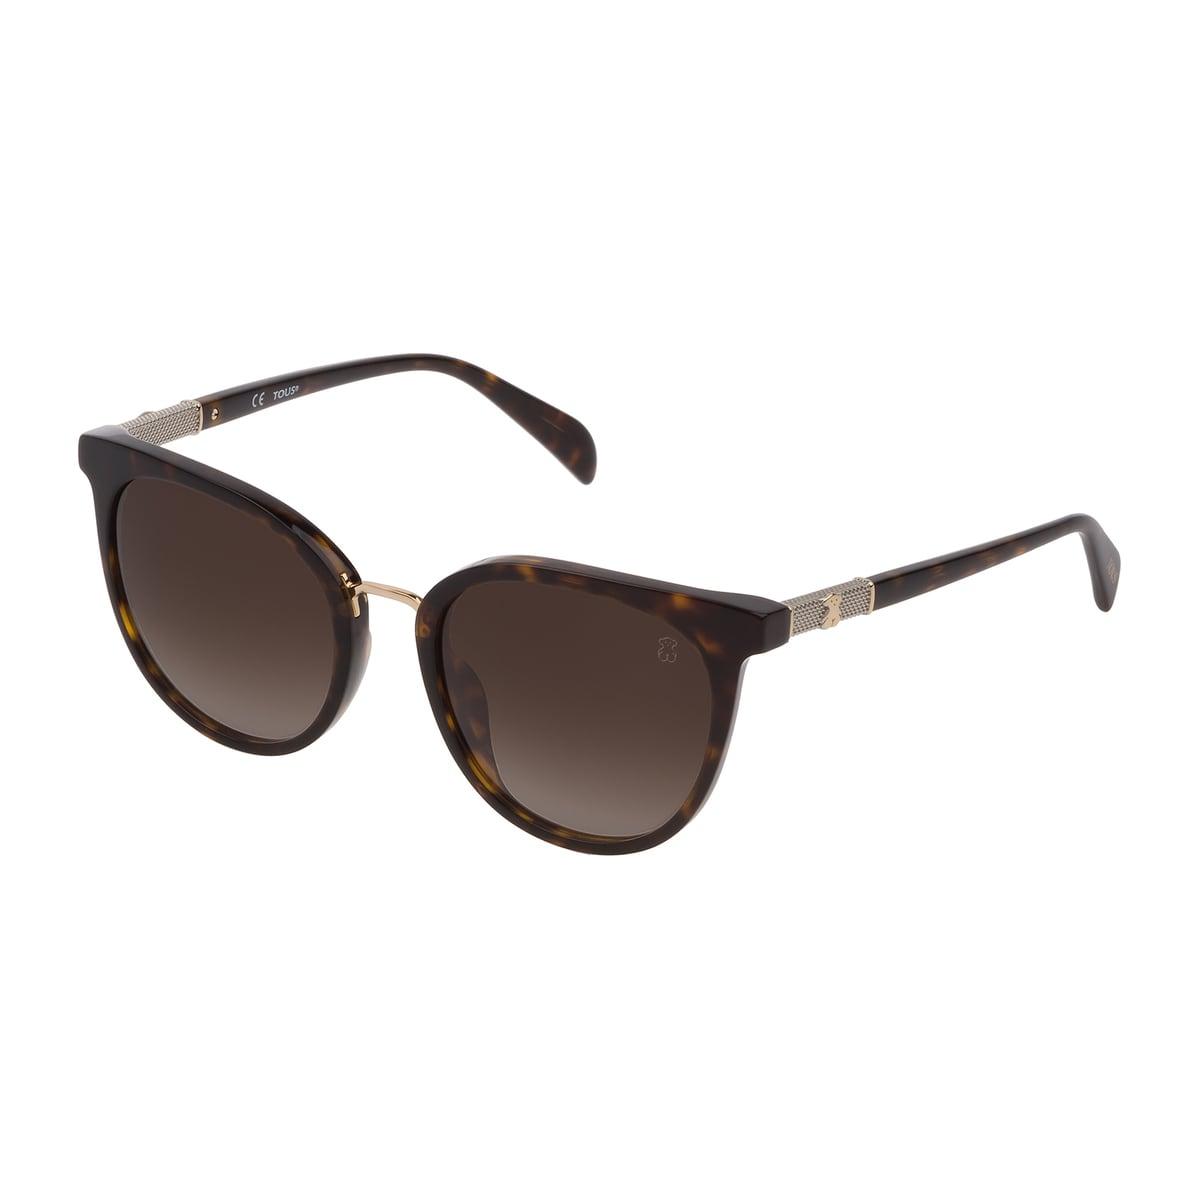 Gafas de sol Mesh de metal y acetato en color marrón